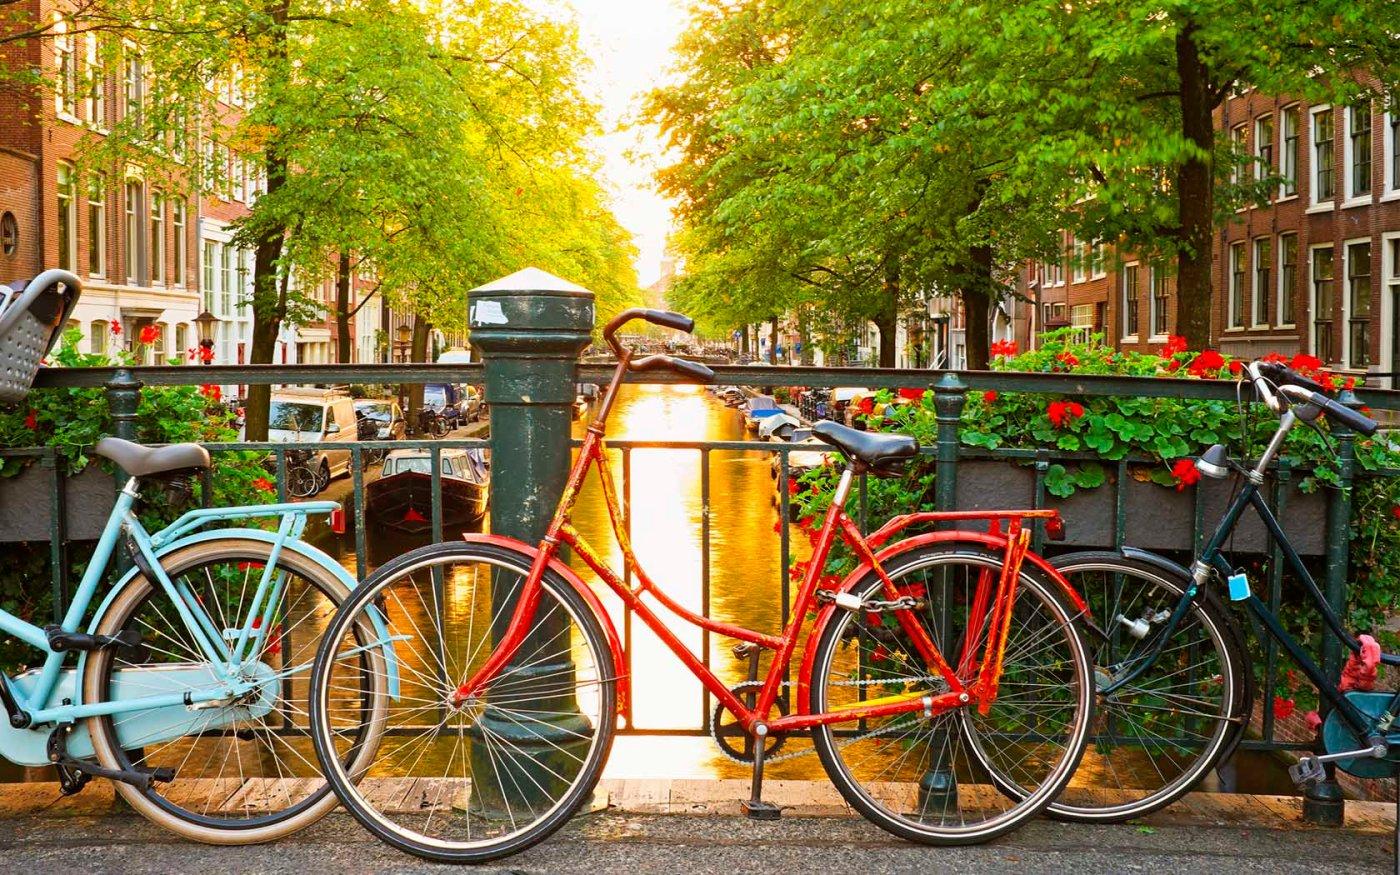 Bicicletas en Ámsterdam, Holanda.